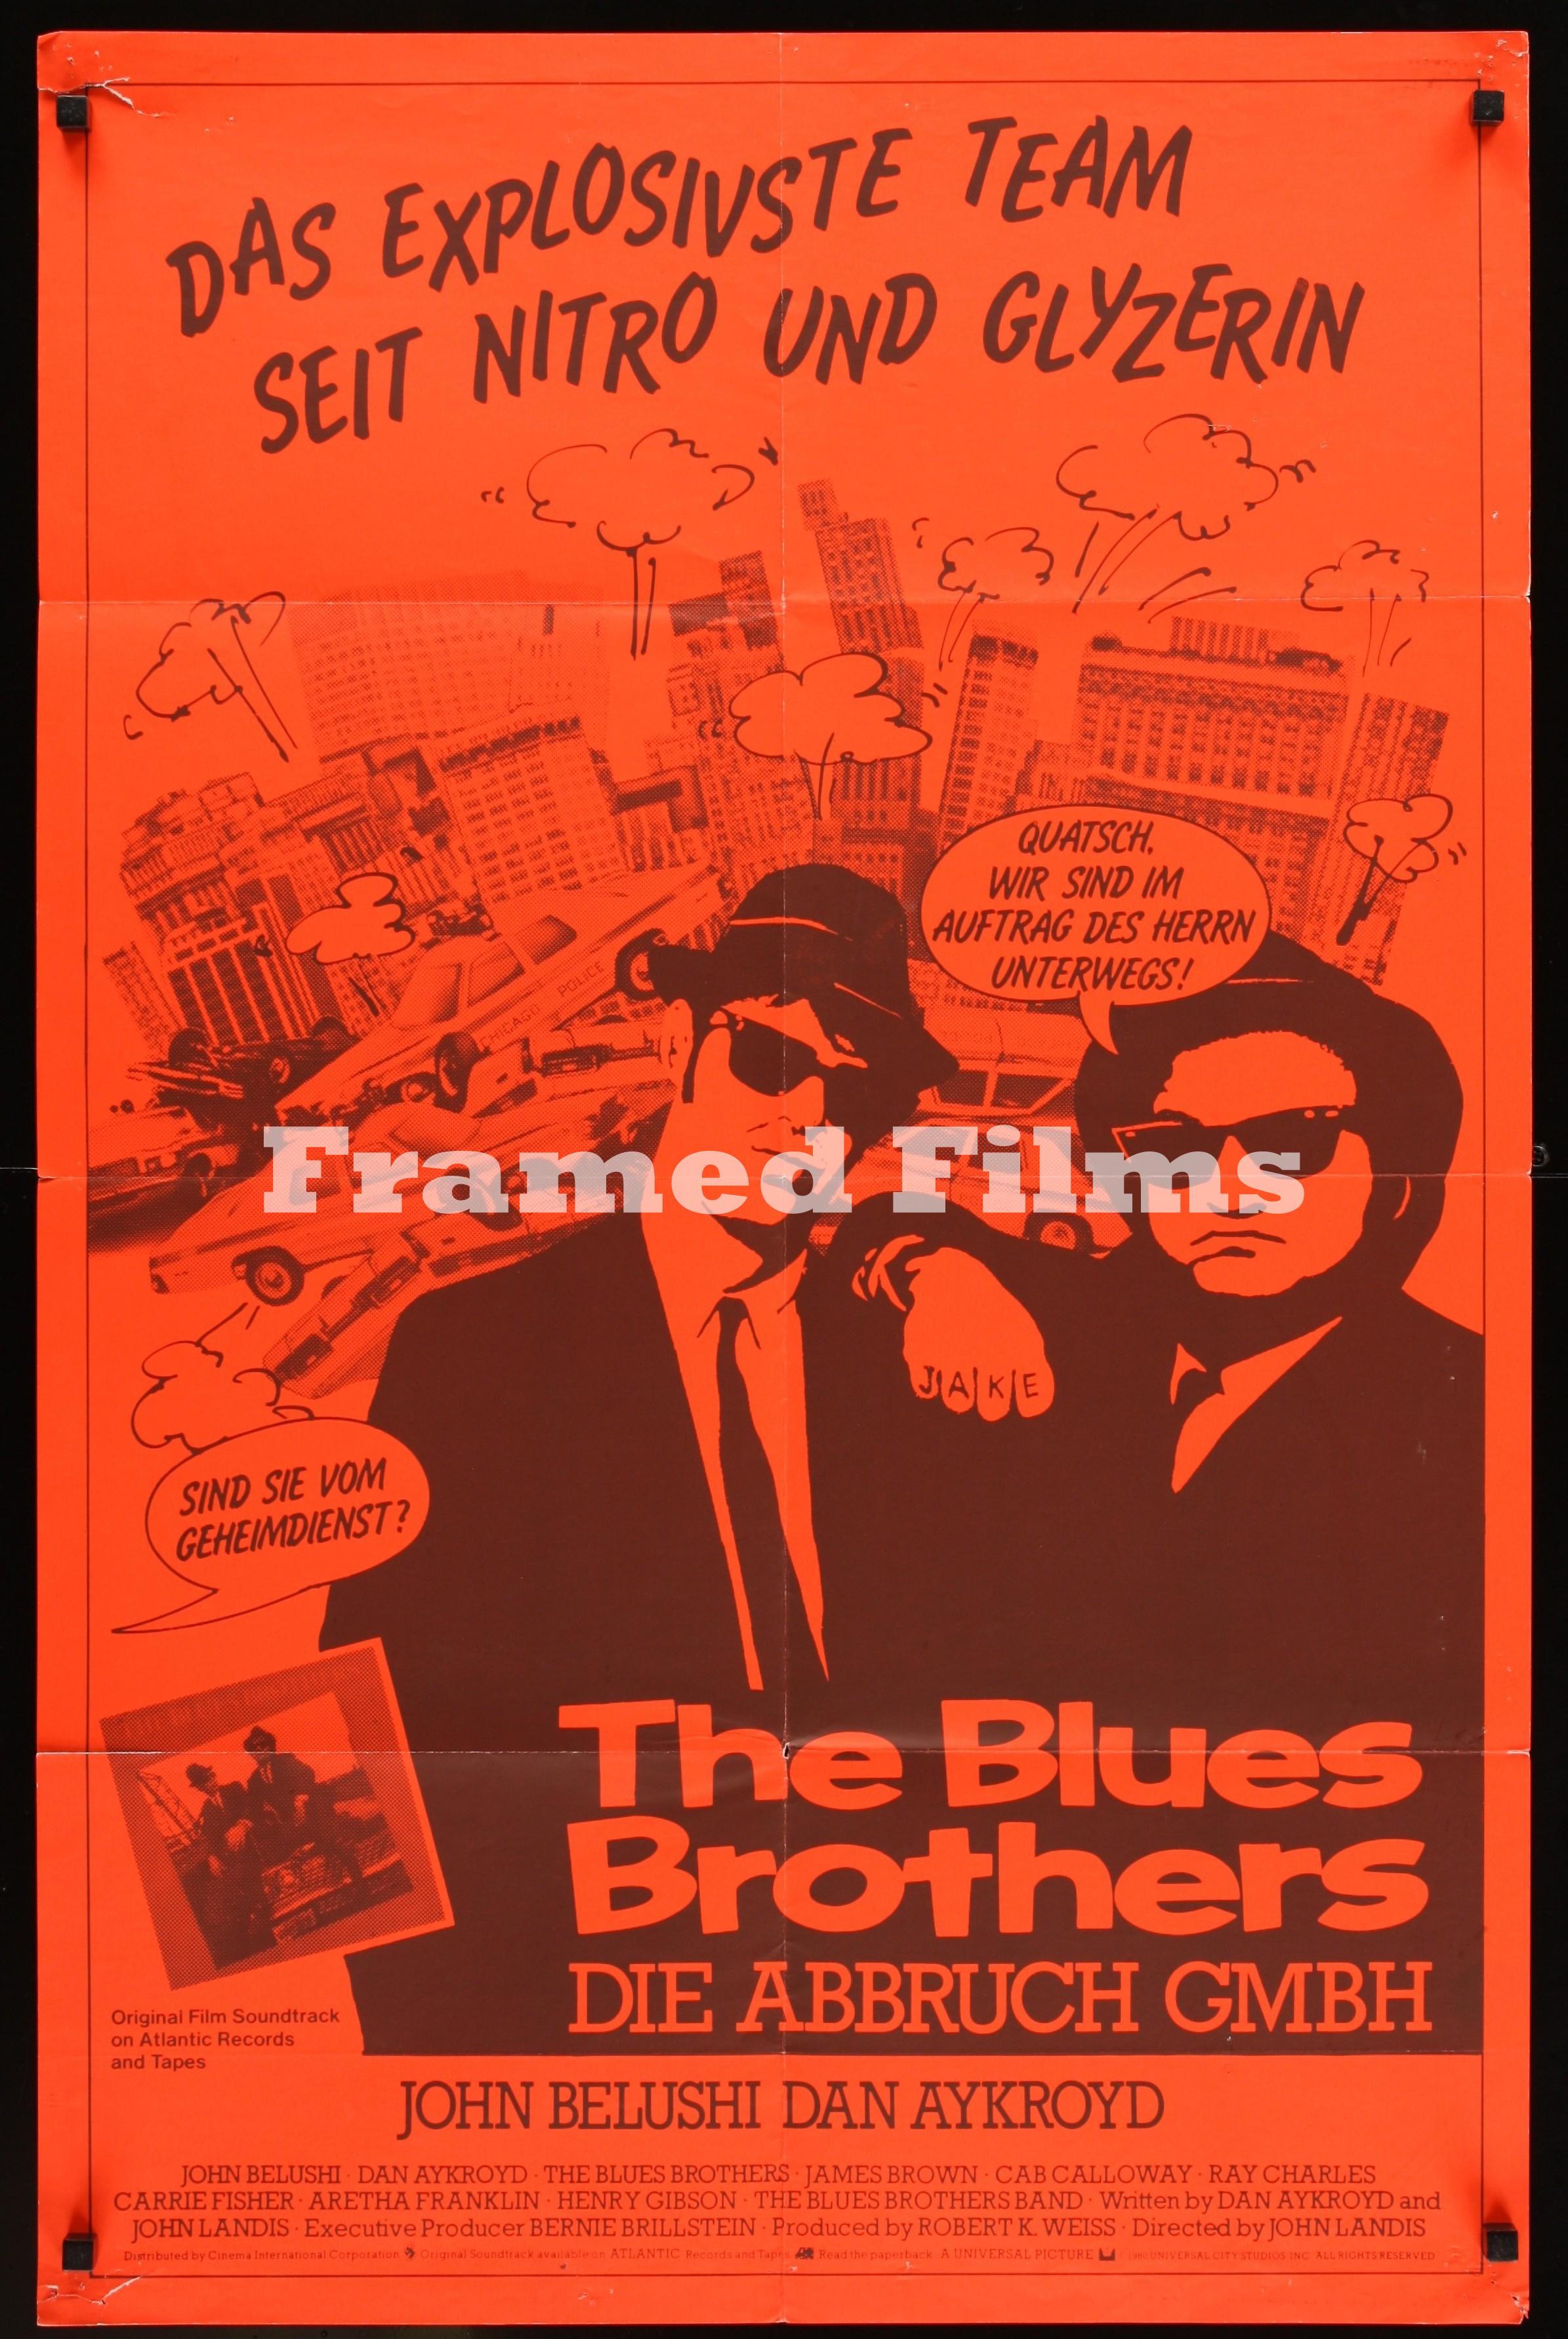 german_a1_blues_brothers_NZ03869_L.jpg